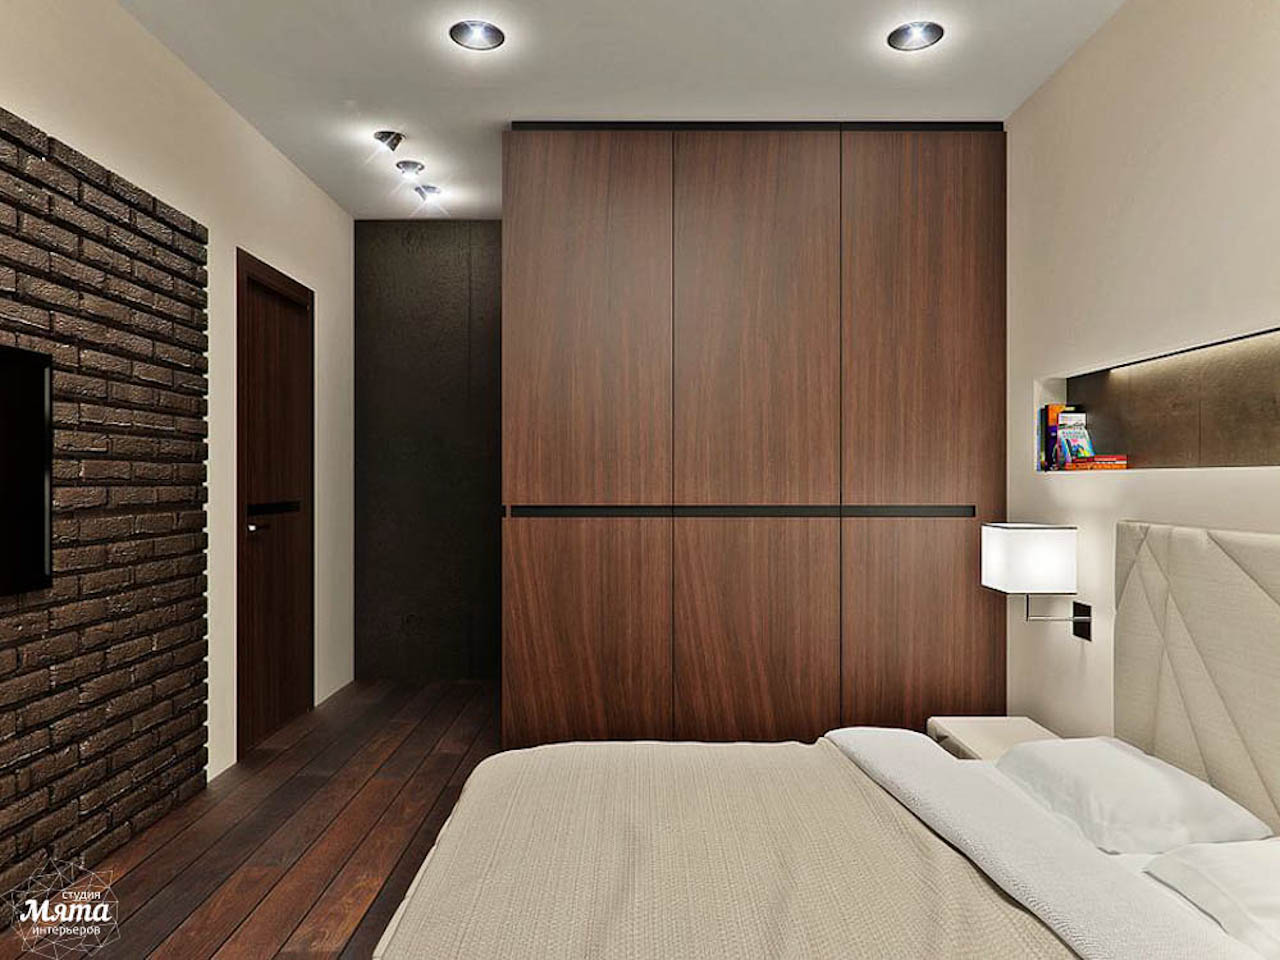 Дизайн интерьера однокомнатной квартиры в стиле хай тек по ул. Щербакова 35 img450897533